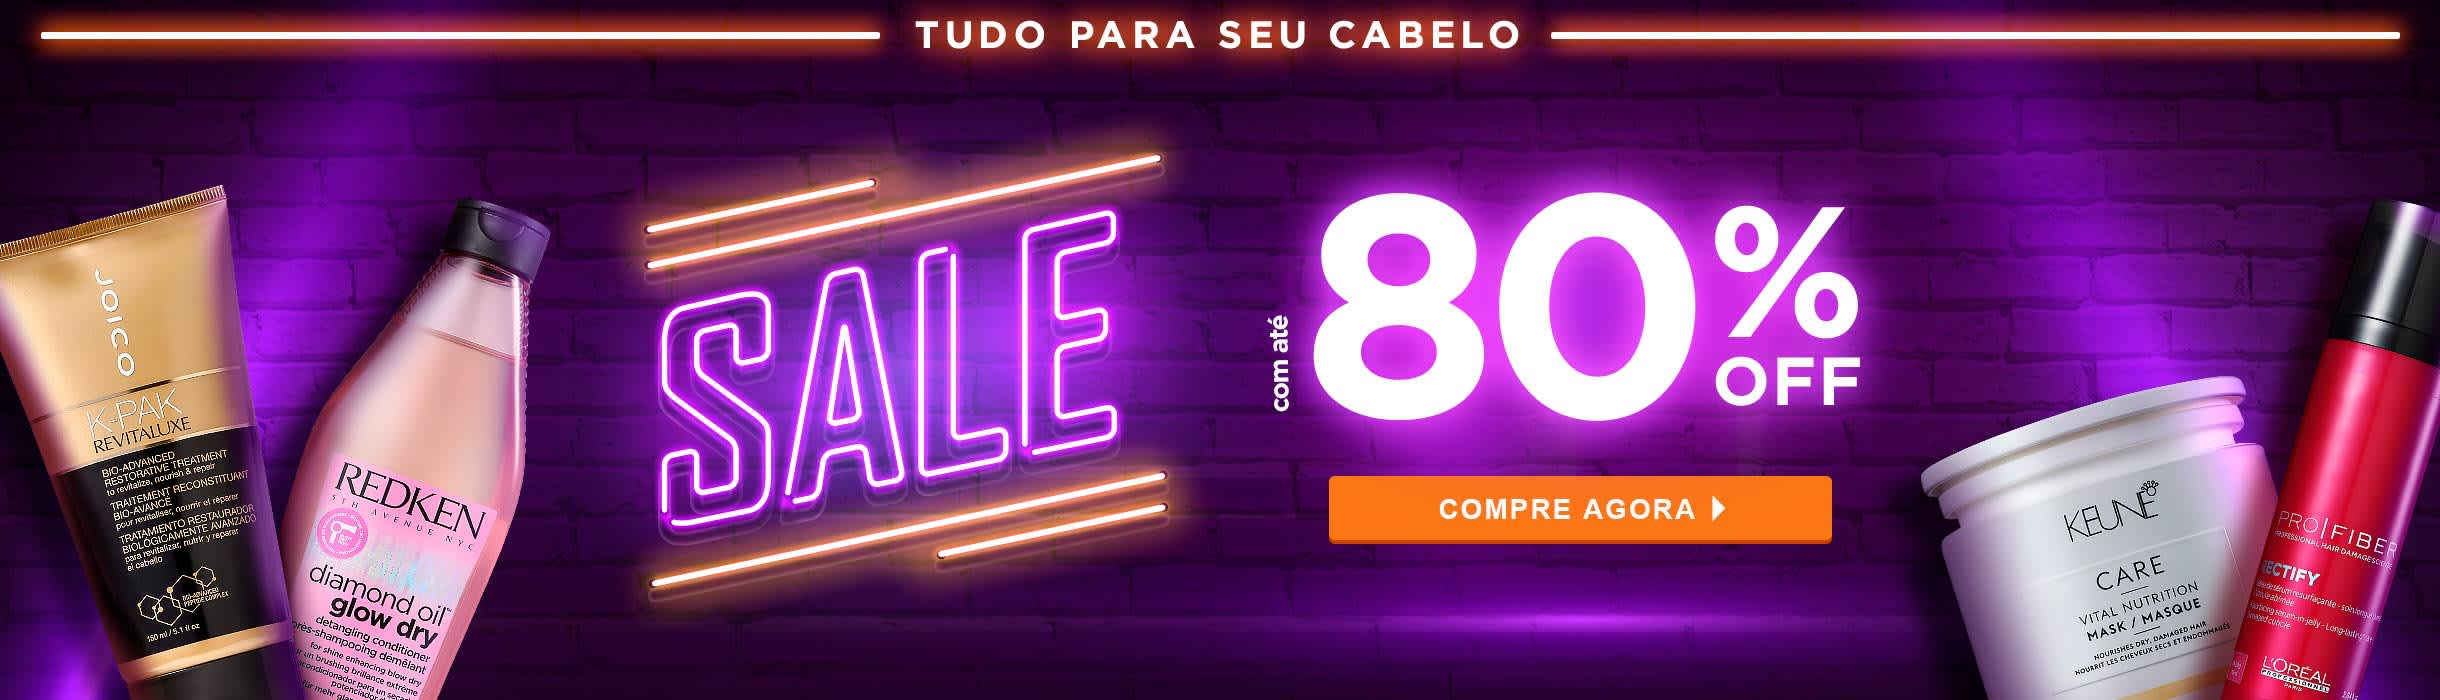 Home Cabelos: Hair Sale até 80%